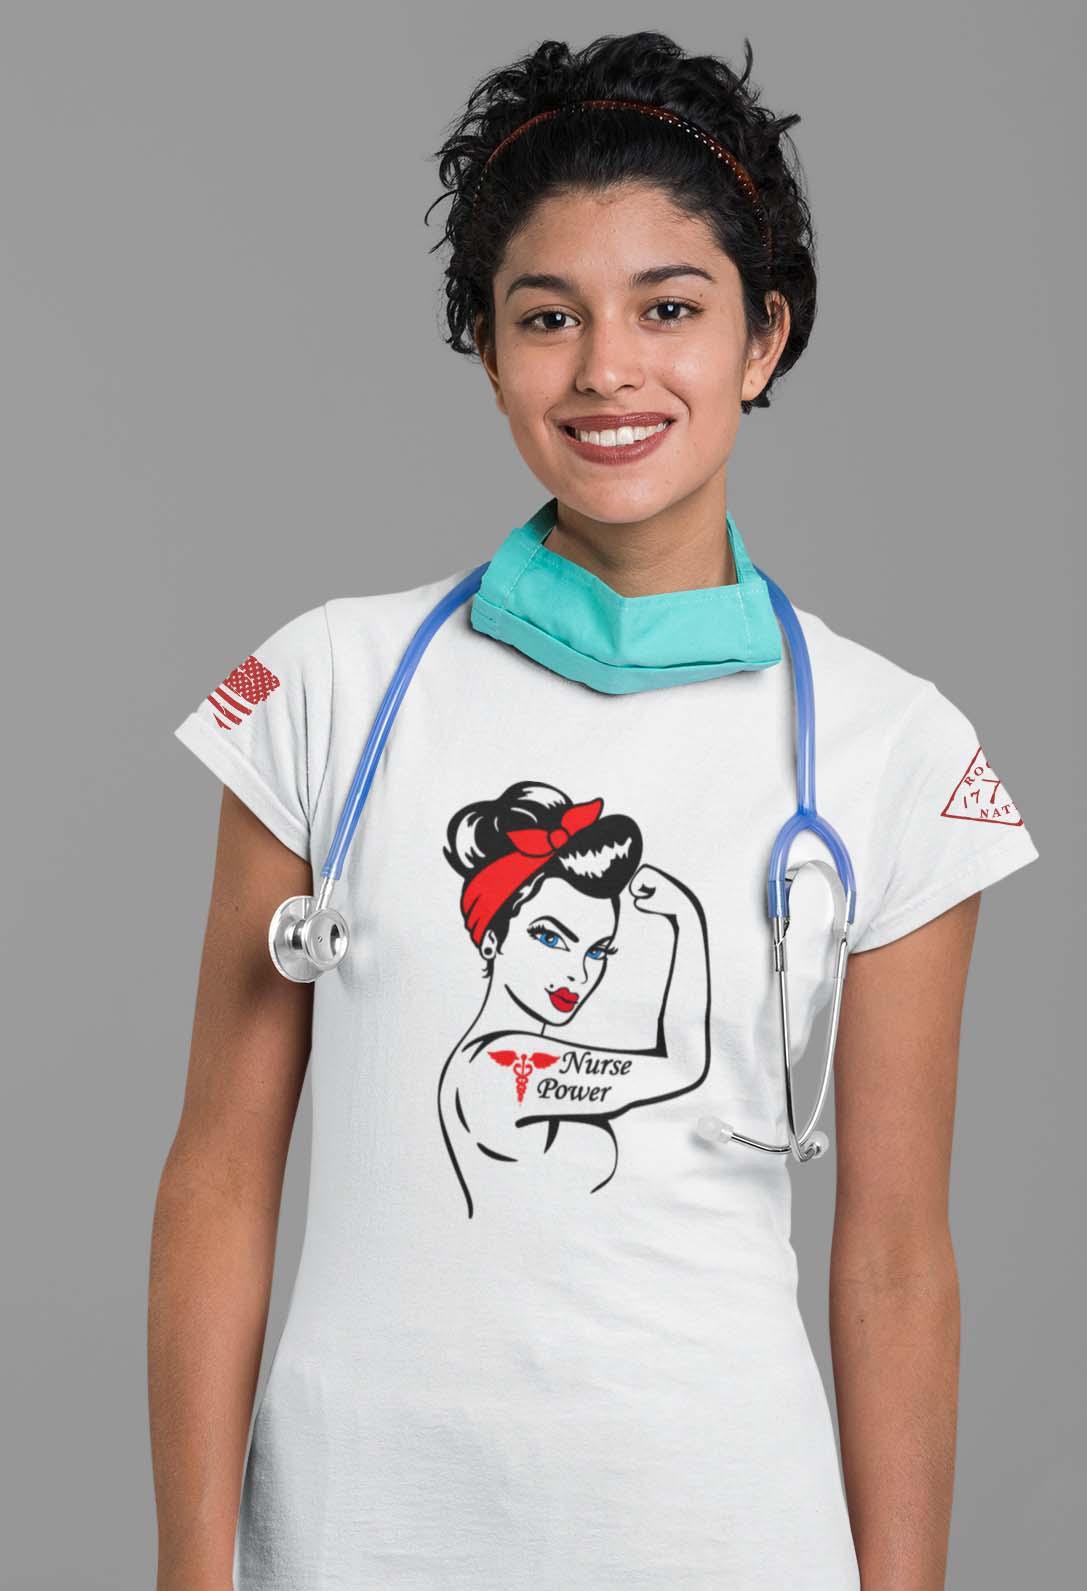 nurse power on women's white